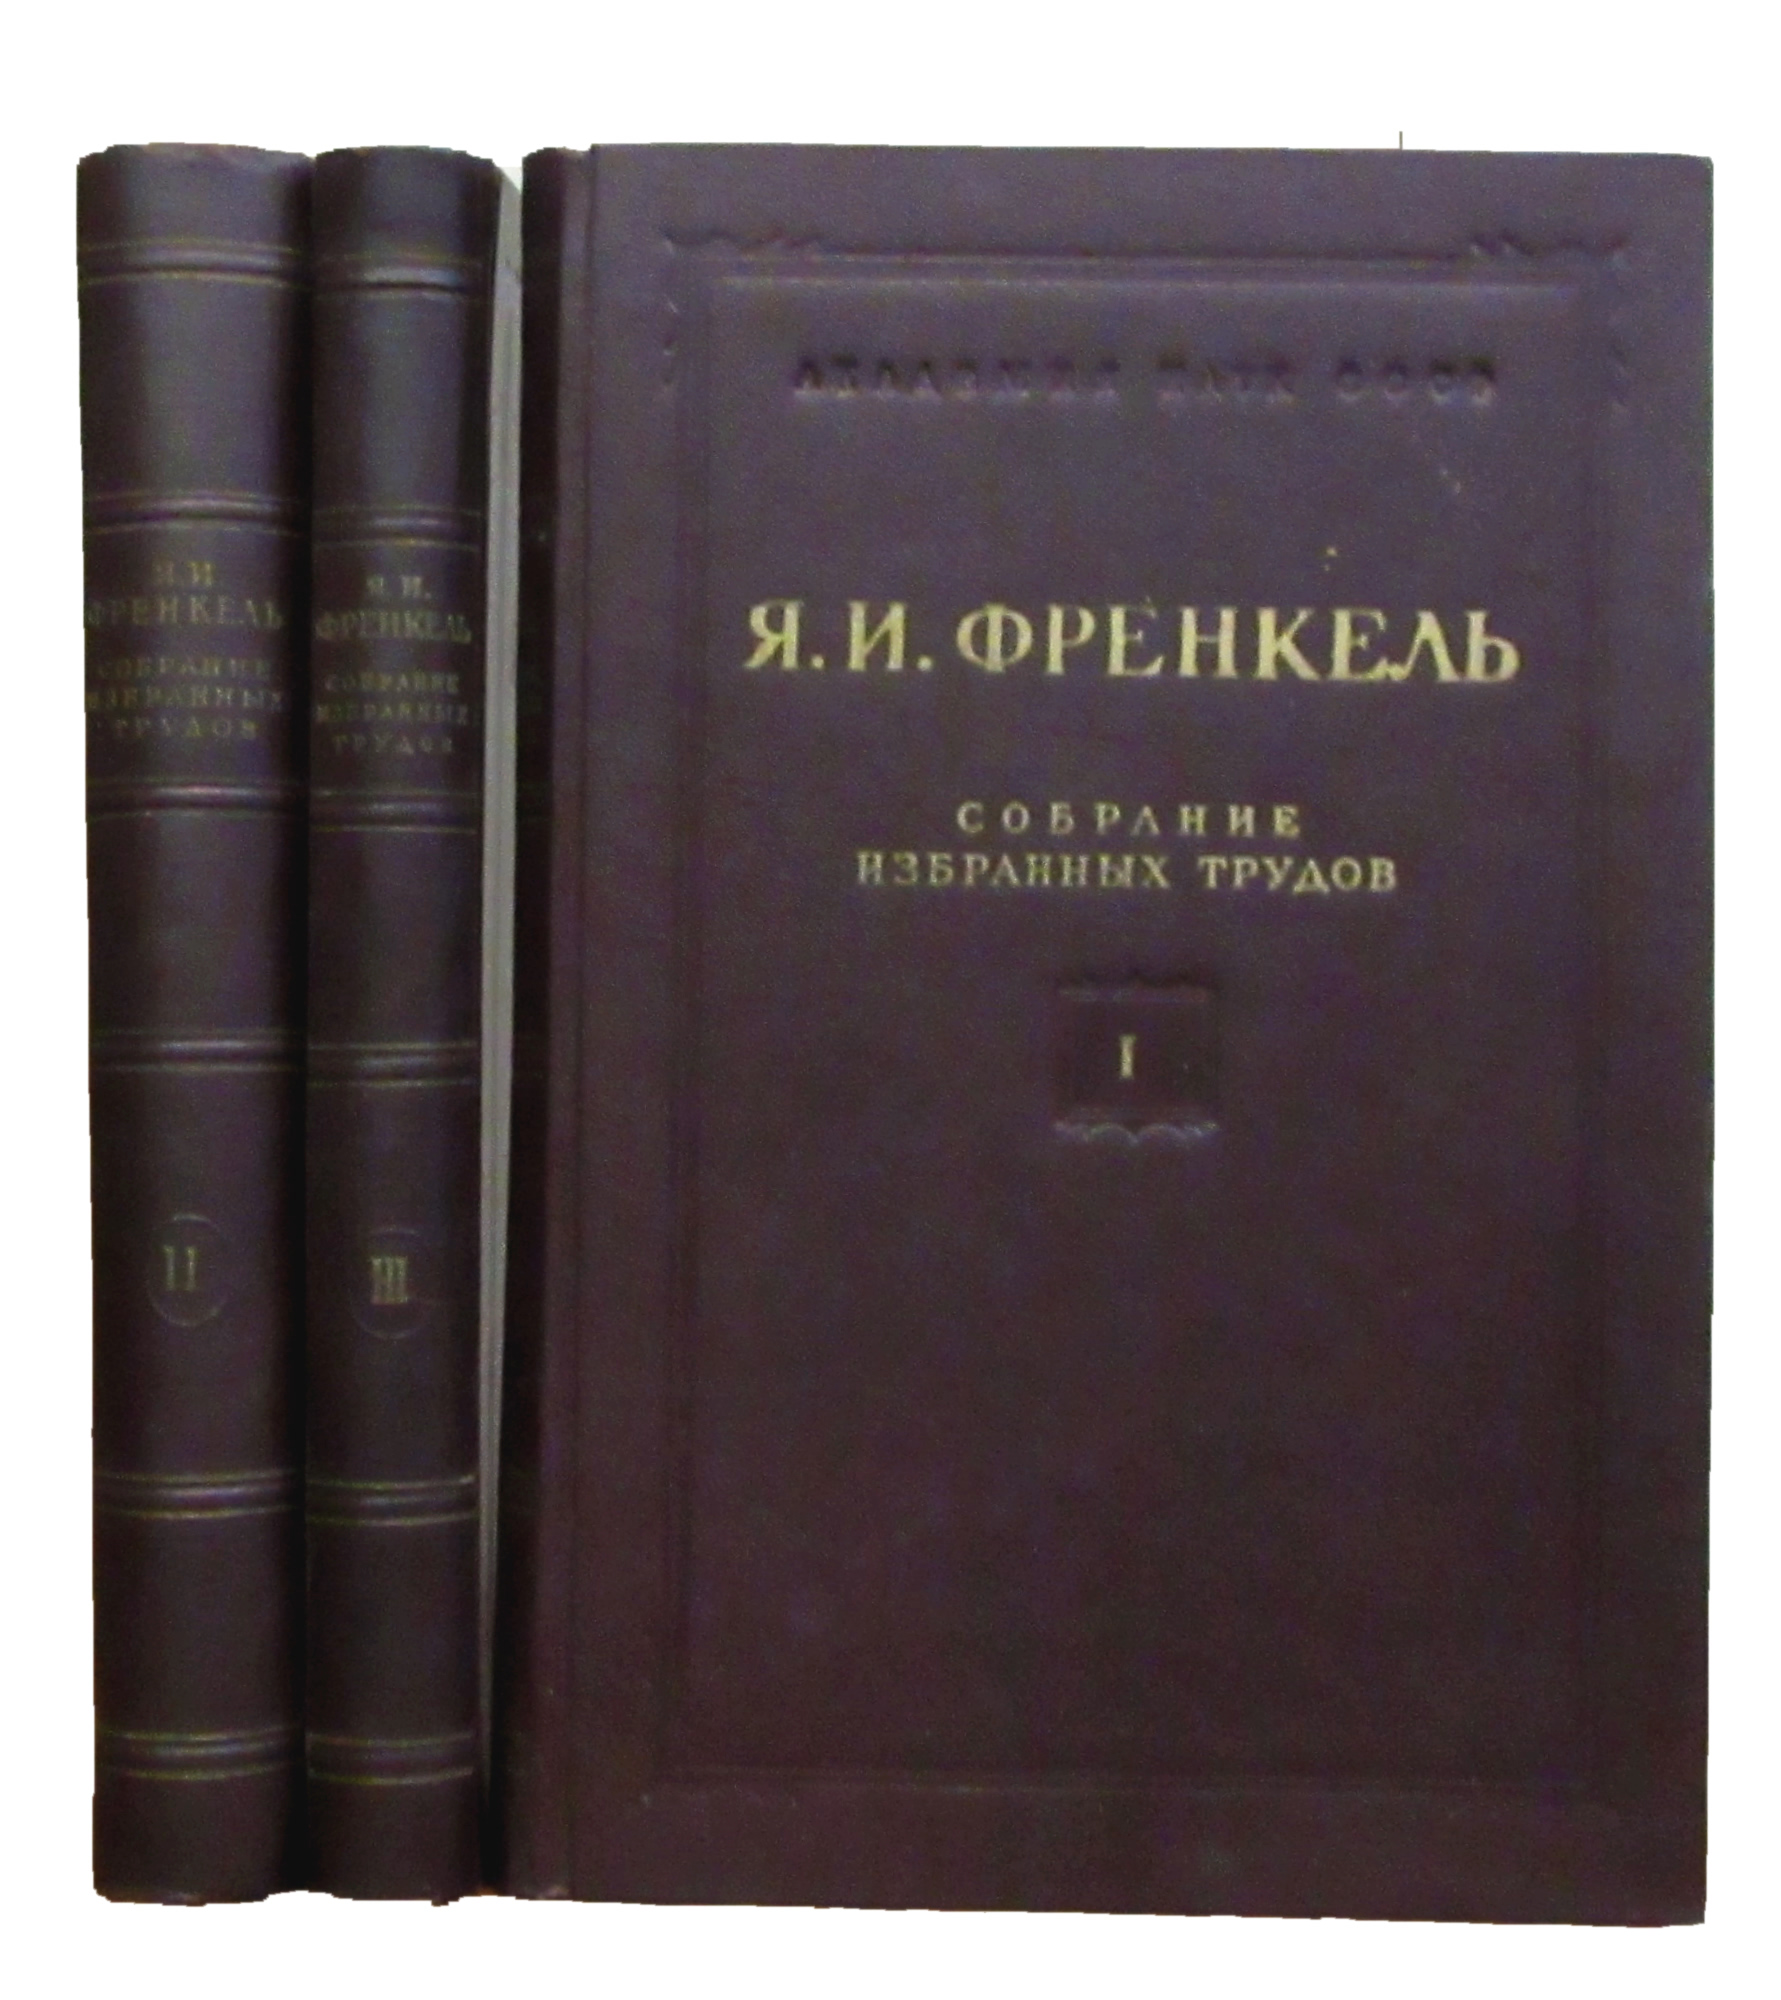 Я. И. Френкель Я. И. Френкель. Собрание избранных трудов (комплект из 3 книг) френкель я теория относительности